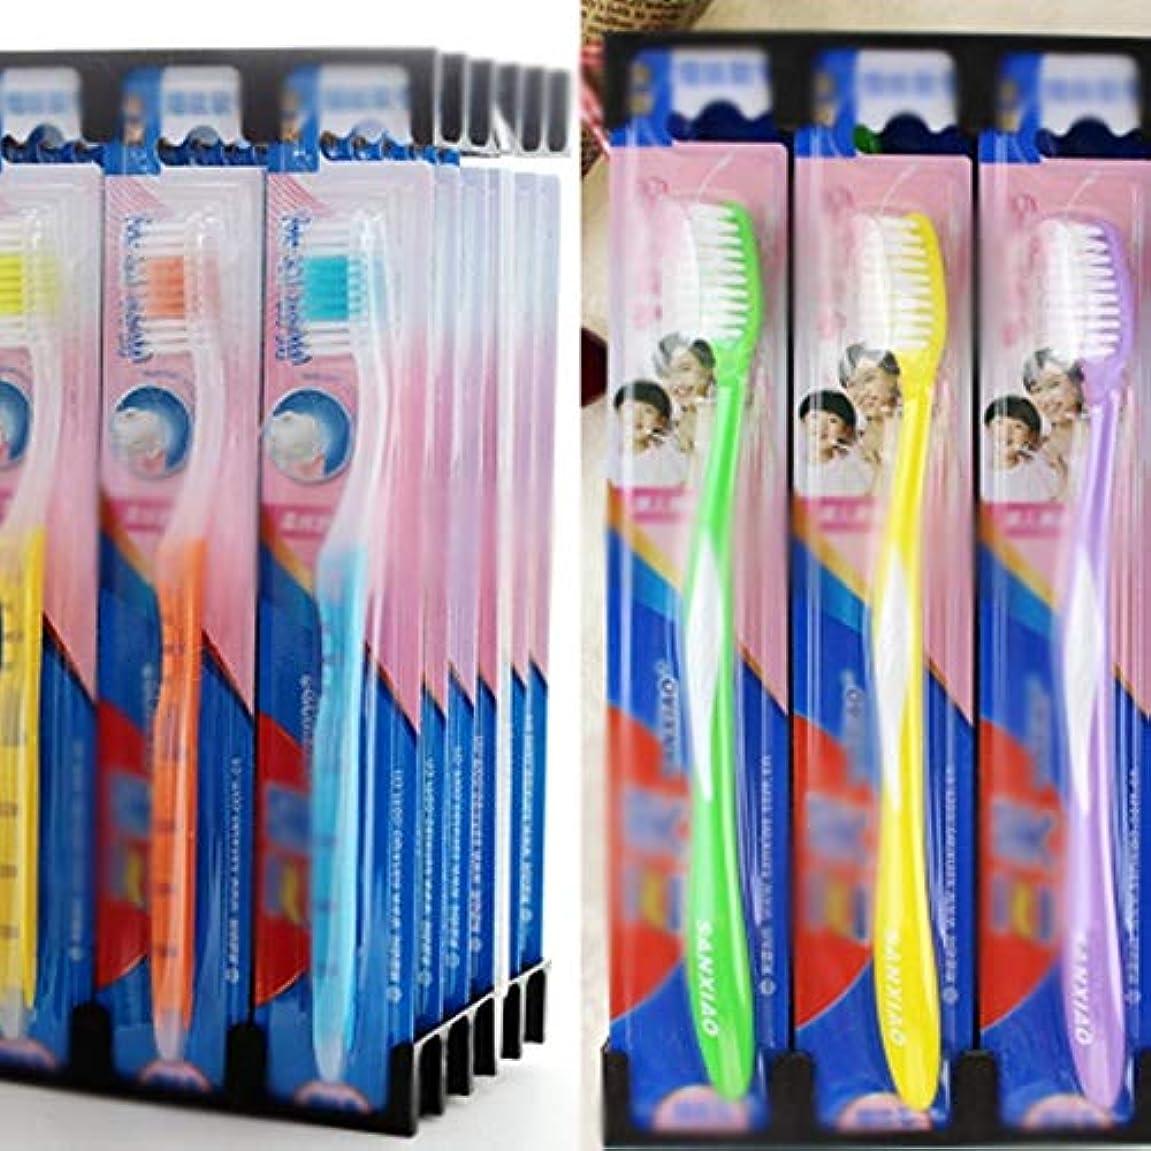 高さ敬フィドル歯ブラシ 30パック歯ブラシ、家族バルク成人歯ブラシ、2つのスタイル混合包装歯ブラシ - 任意8つの組み合わせ KHL (色 : D, サイズ : 30 packs)